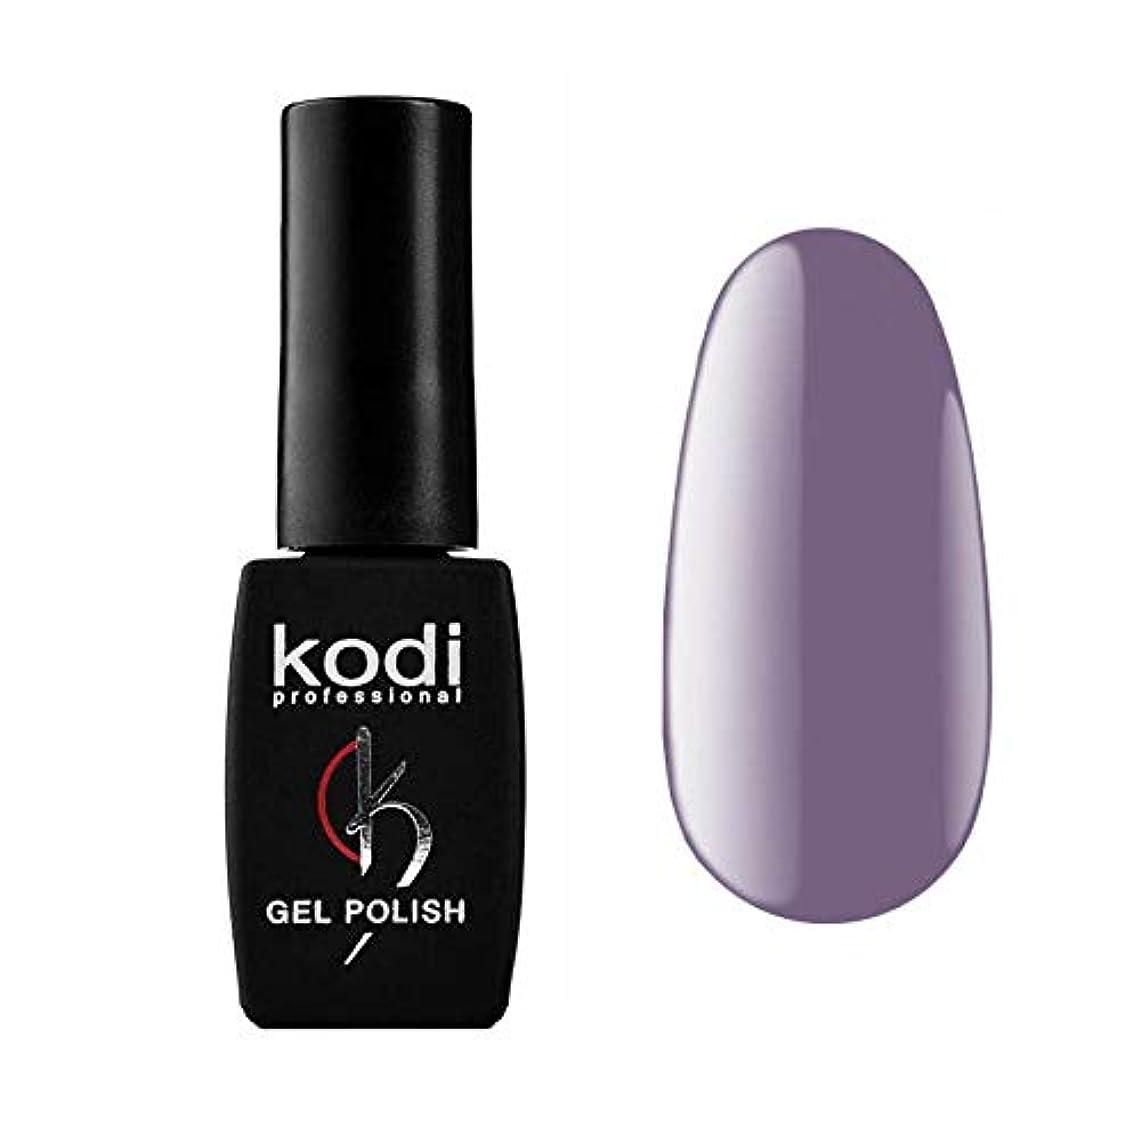 発生器ライセンス地理Kodi Professional New Collection LC LILAC #20 Color Gel Nail Polish 12ml 0.42 Fl Oz LED UV Genuine Soak Off